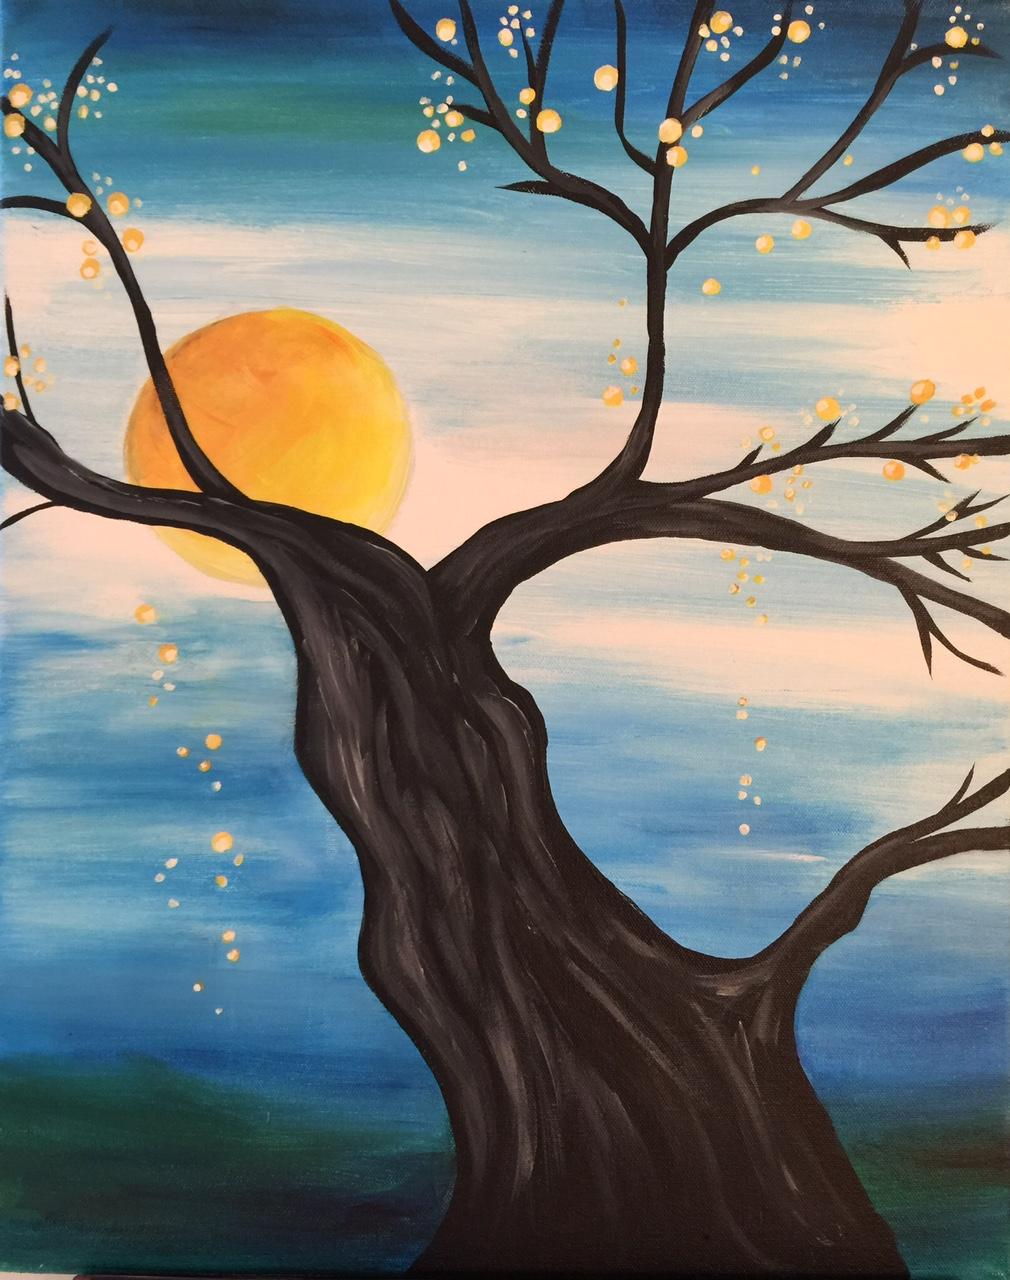 'Moonlight Tree'